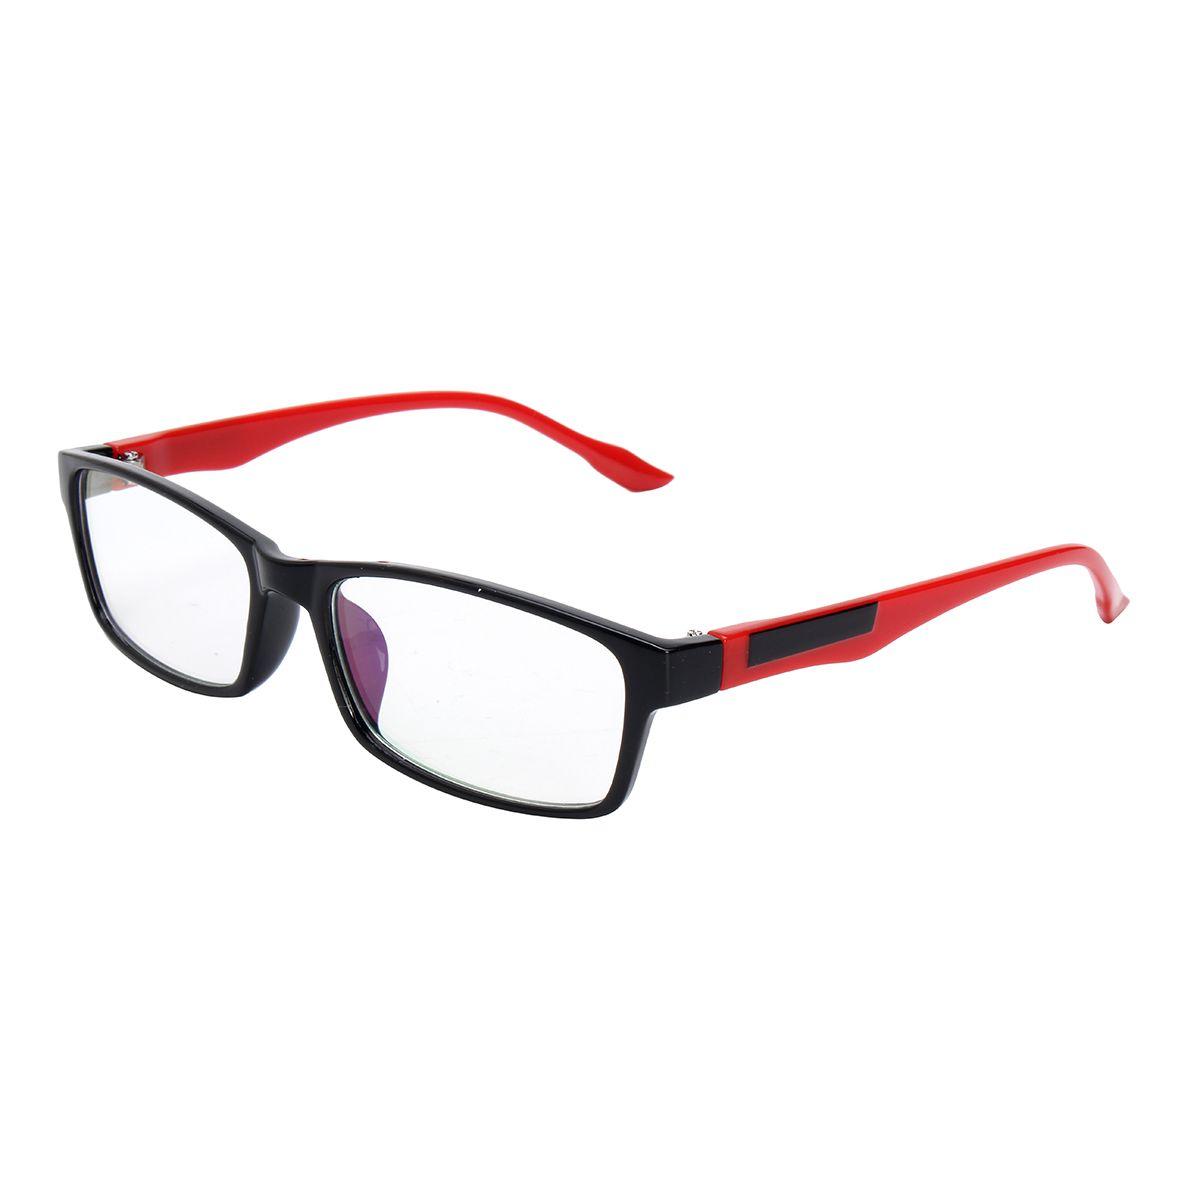 654dee5428 Monturas completas para anteojos Mujer Monturas para hombres Óptica Rx Gafas